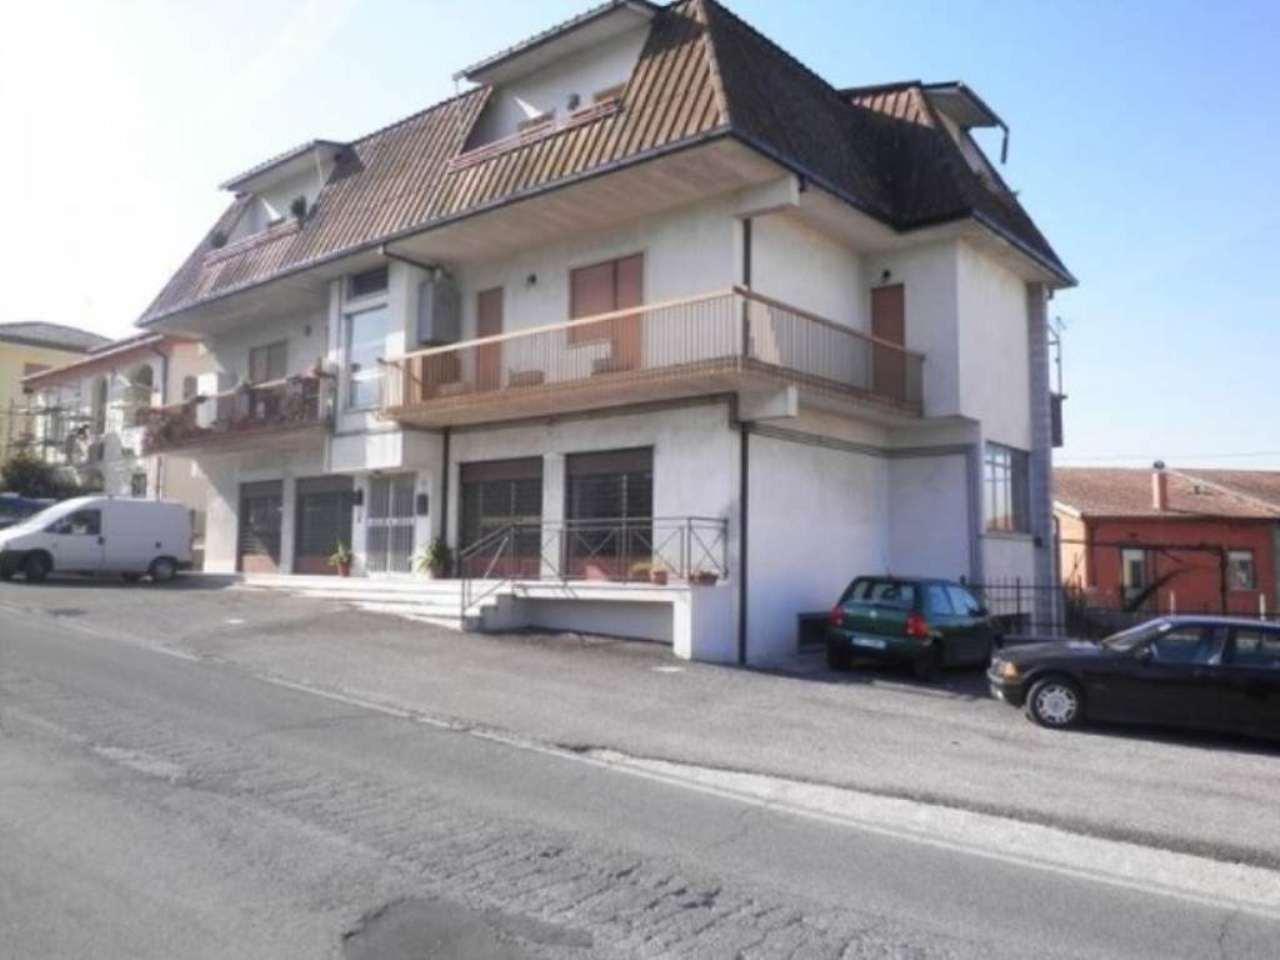 Negozio / Locale in vendita a Poggio Mirteto, 3 locali, prezzo € 180.000 | CambioCasa.it